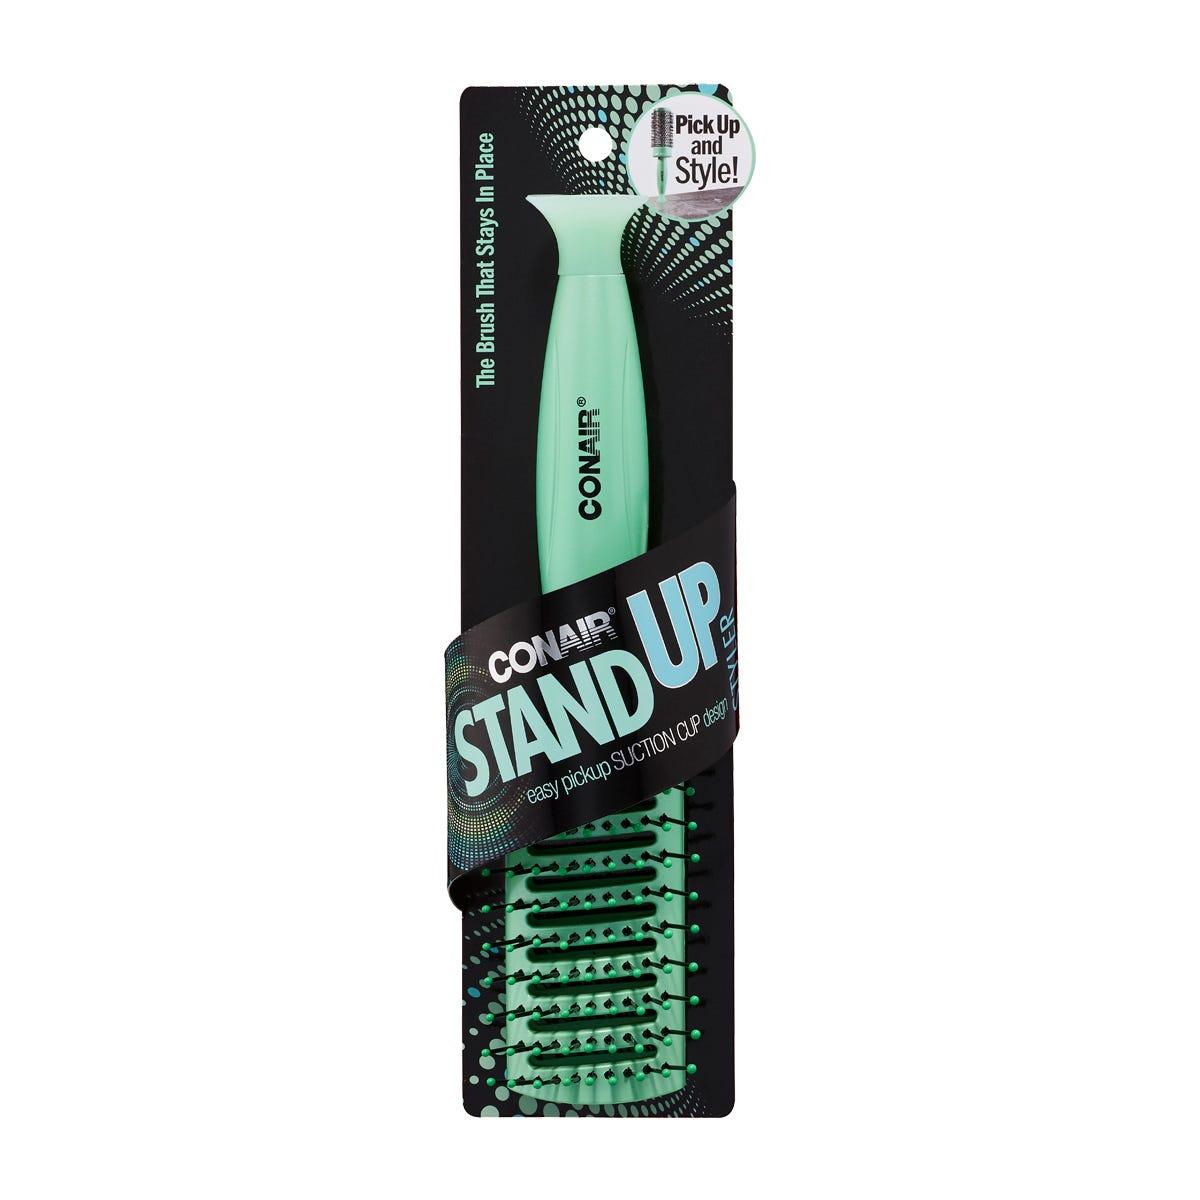 Cepillo todo uso STAND UP Conair® en verde agua